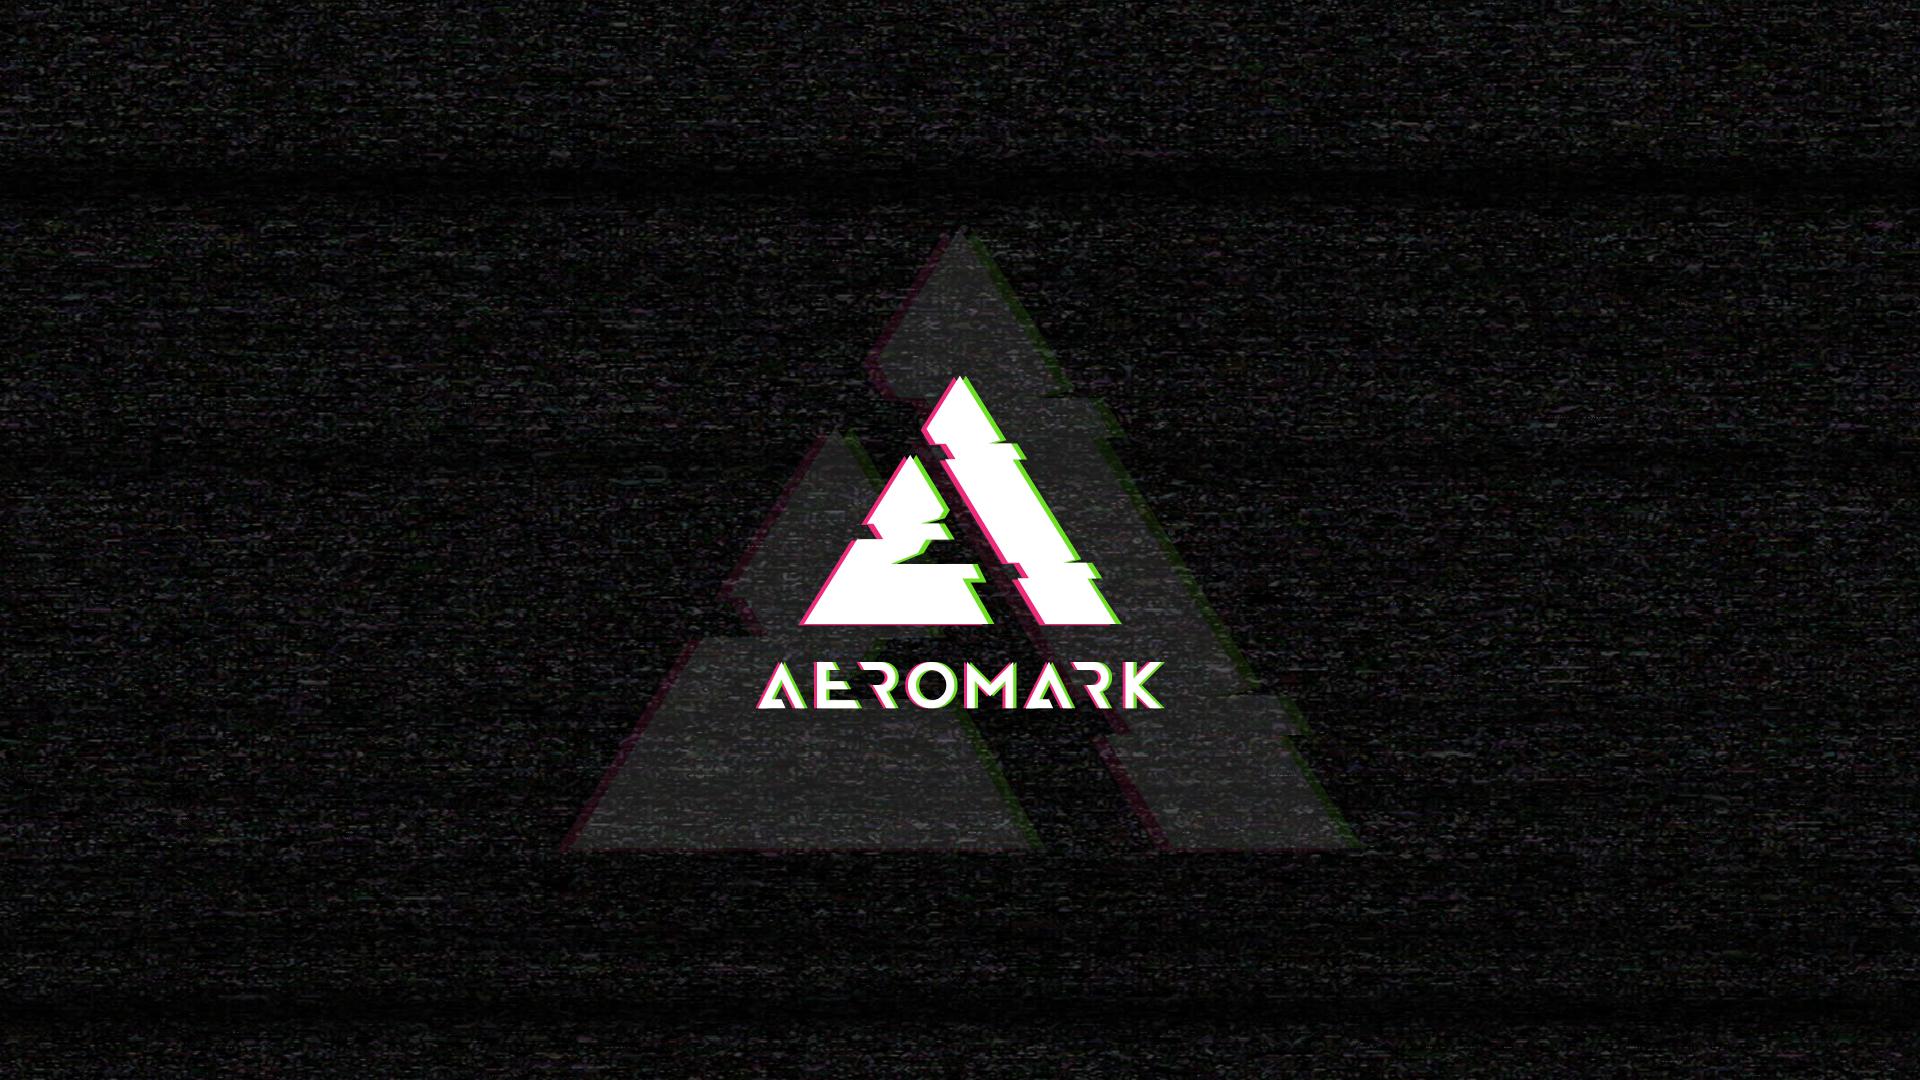 Aeromark